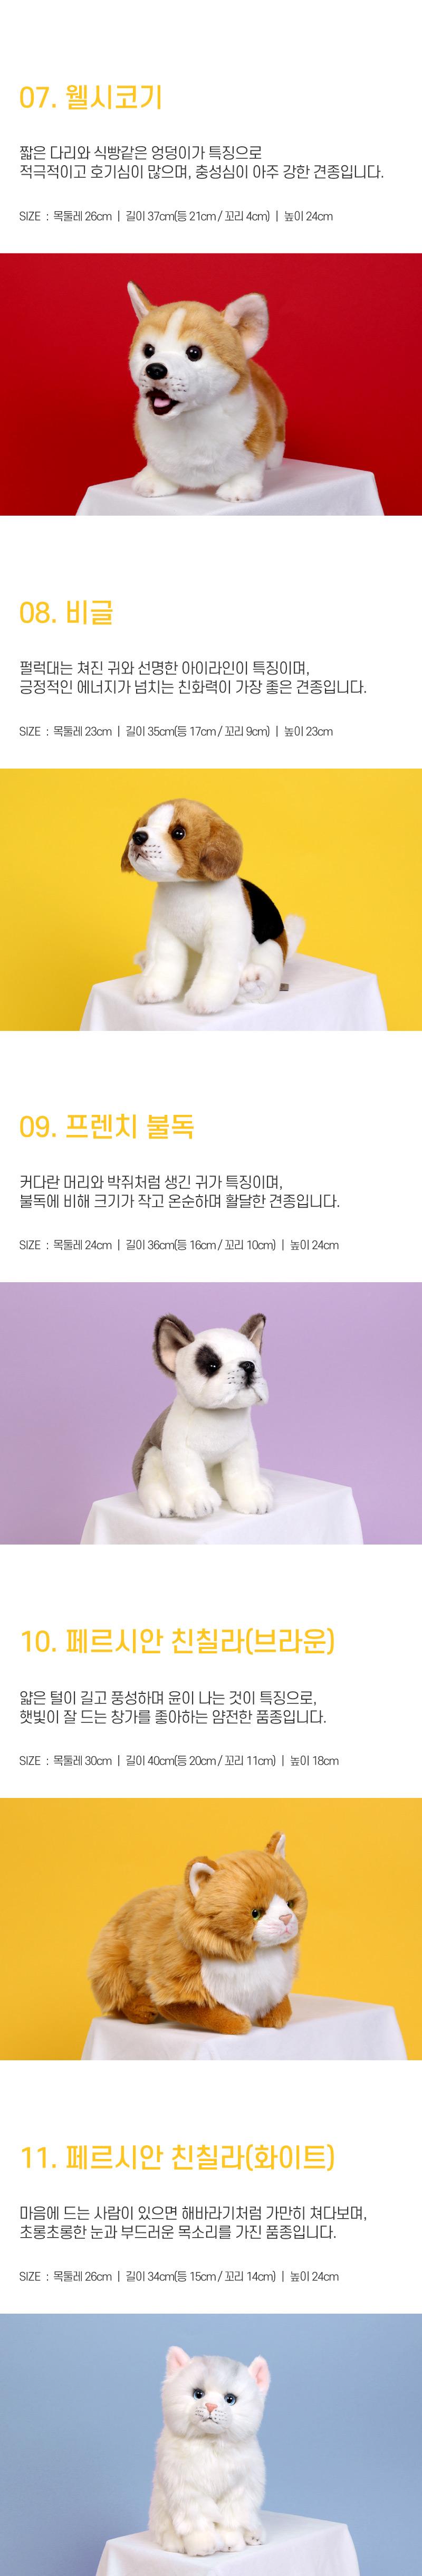 이젠돌스 위더펫 리얼 강아지 인형 장난감 프렌치불독 - 이젠돌스, 28,000원, 애니멀인형, 강아지 인형